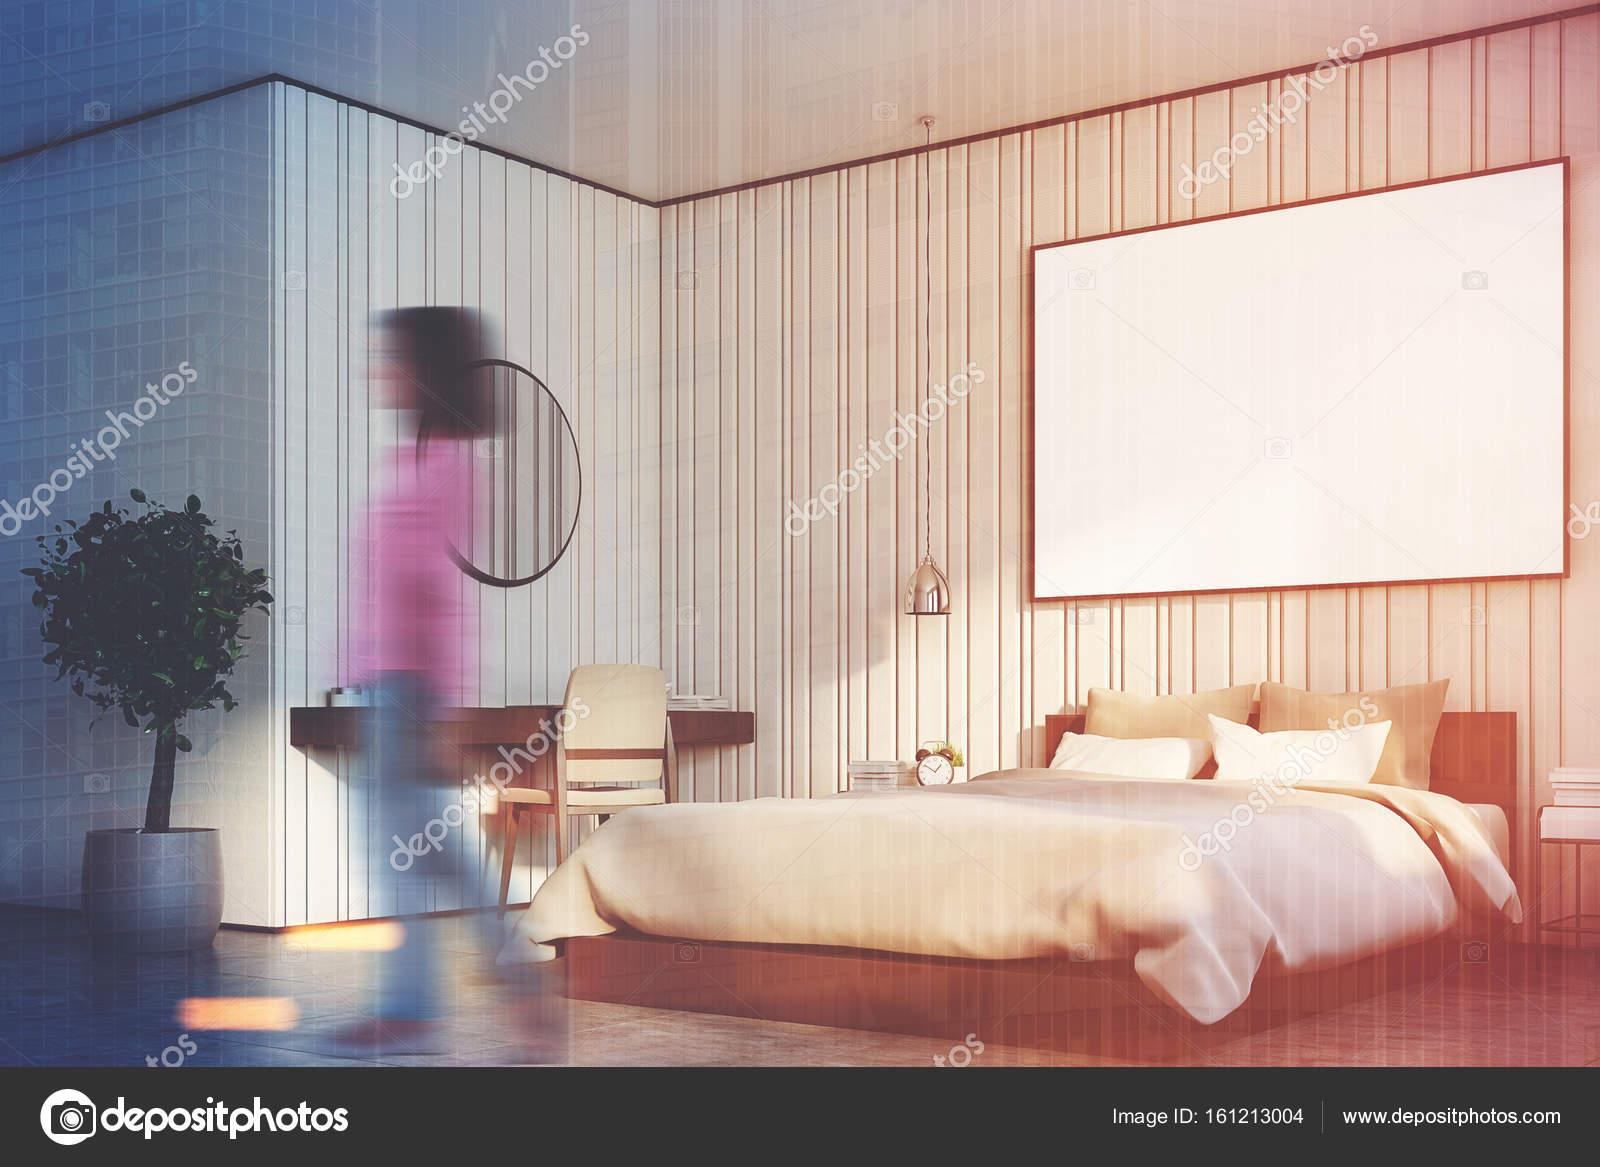 Grote Posters Slaapkamer : Beige slaapkamer met grote poster close up kant meisje u stockfoto